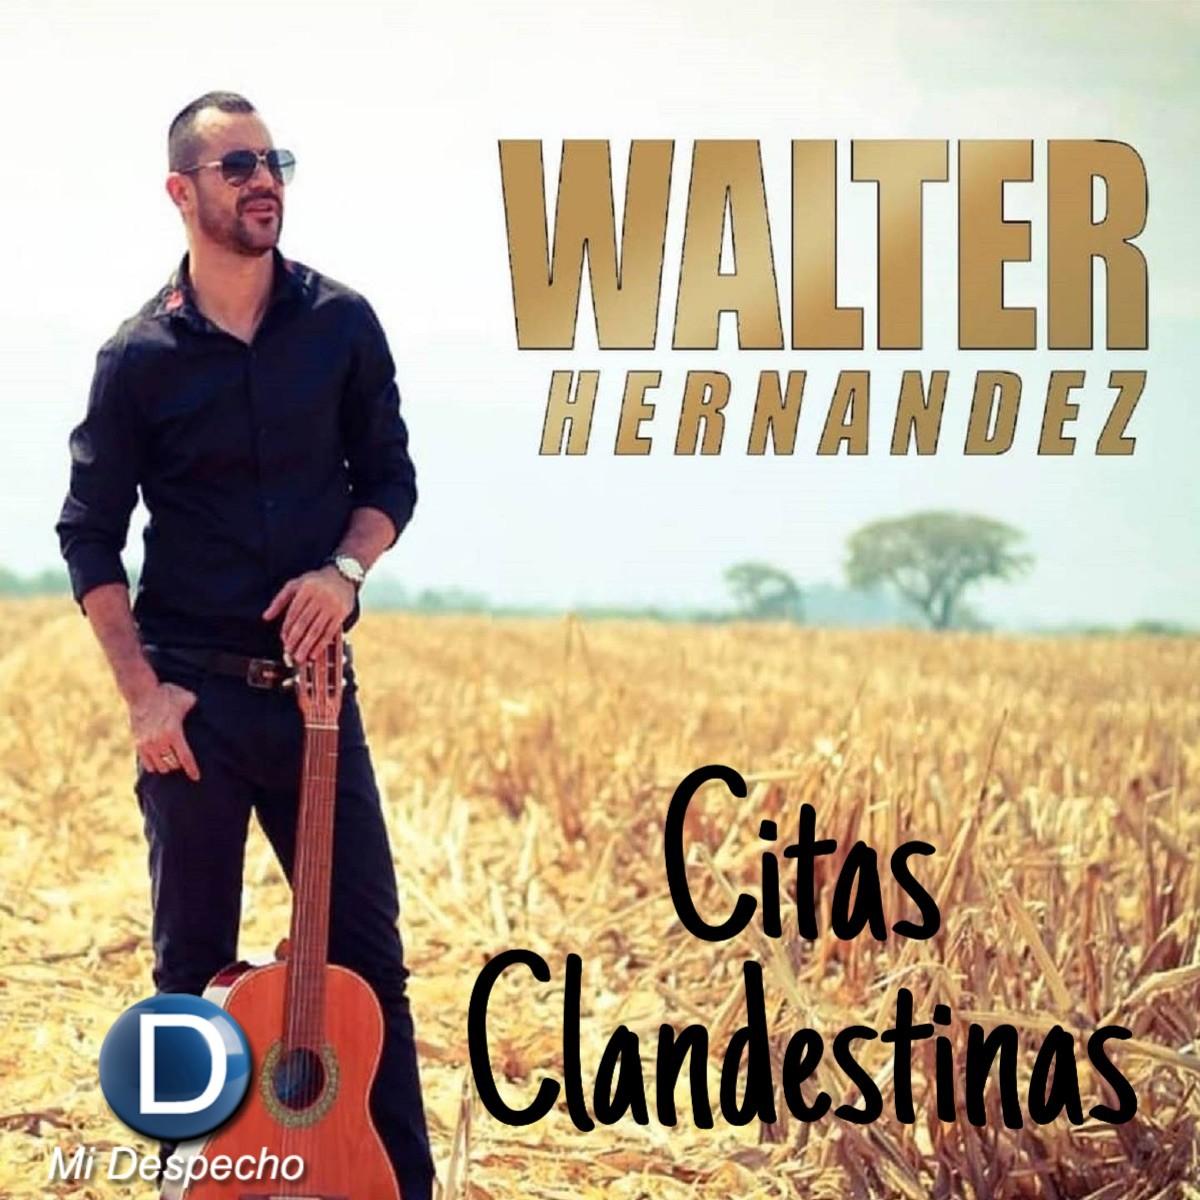 WalterHernández Citas Clandestinas Frontal